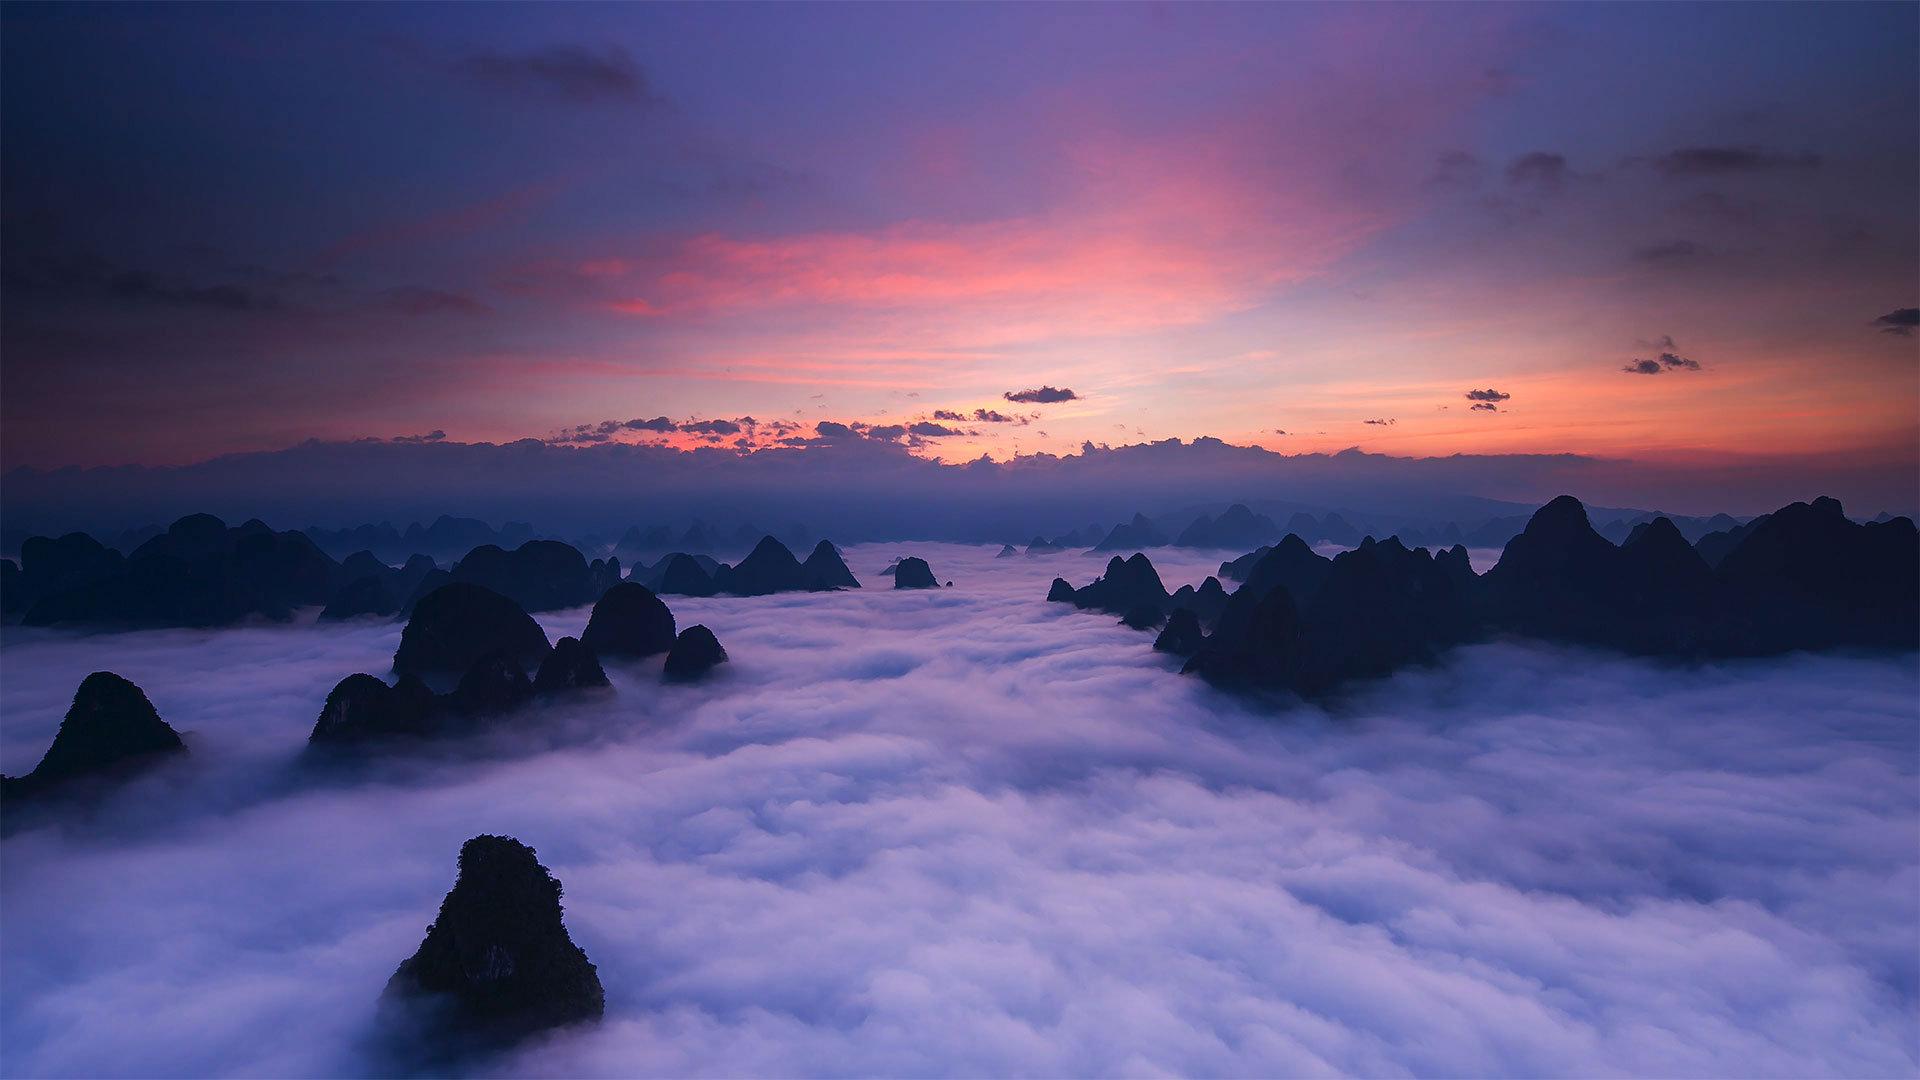 天然巧成 云雾萦绕黄山